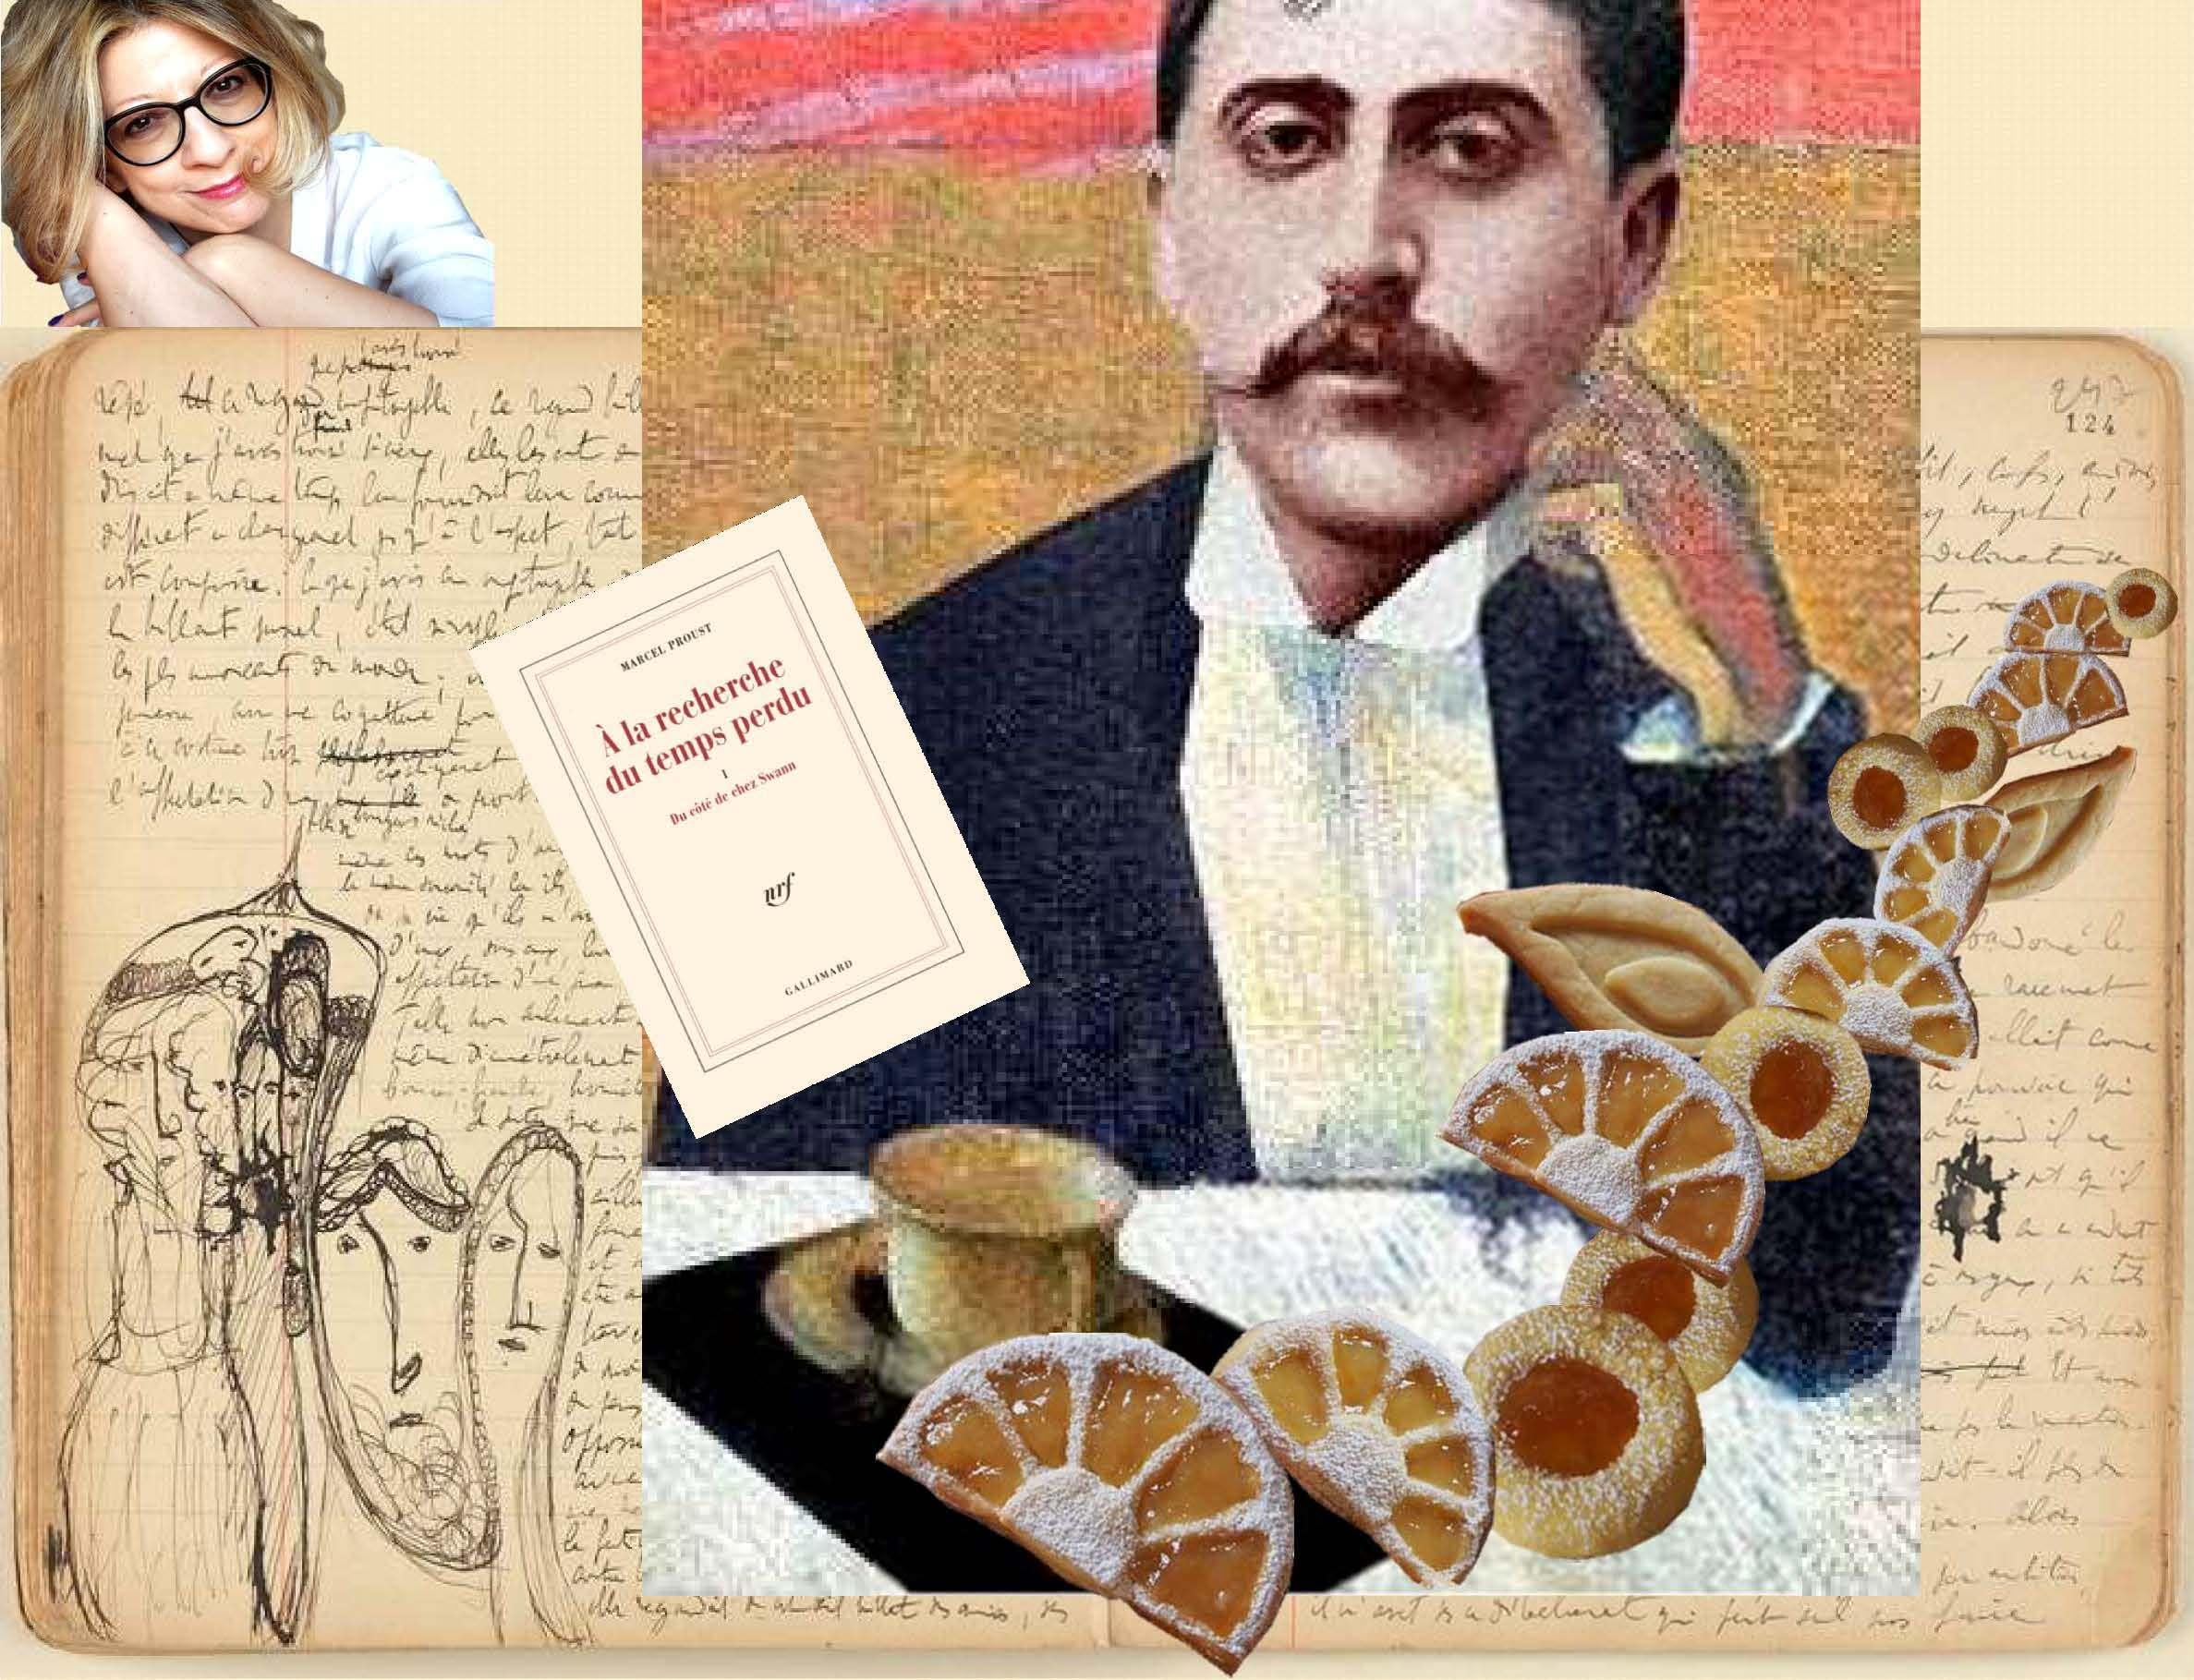 Il mio Blog - La mia passione per la Pasticceria e per l'Arte